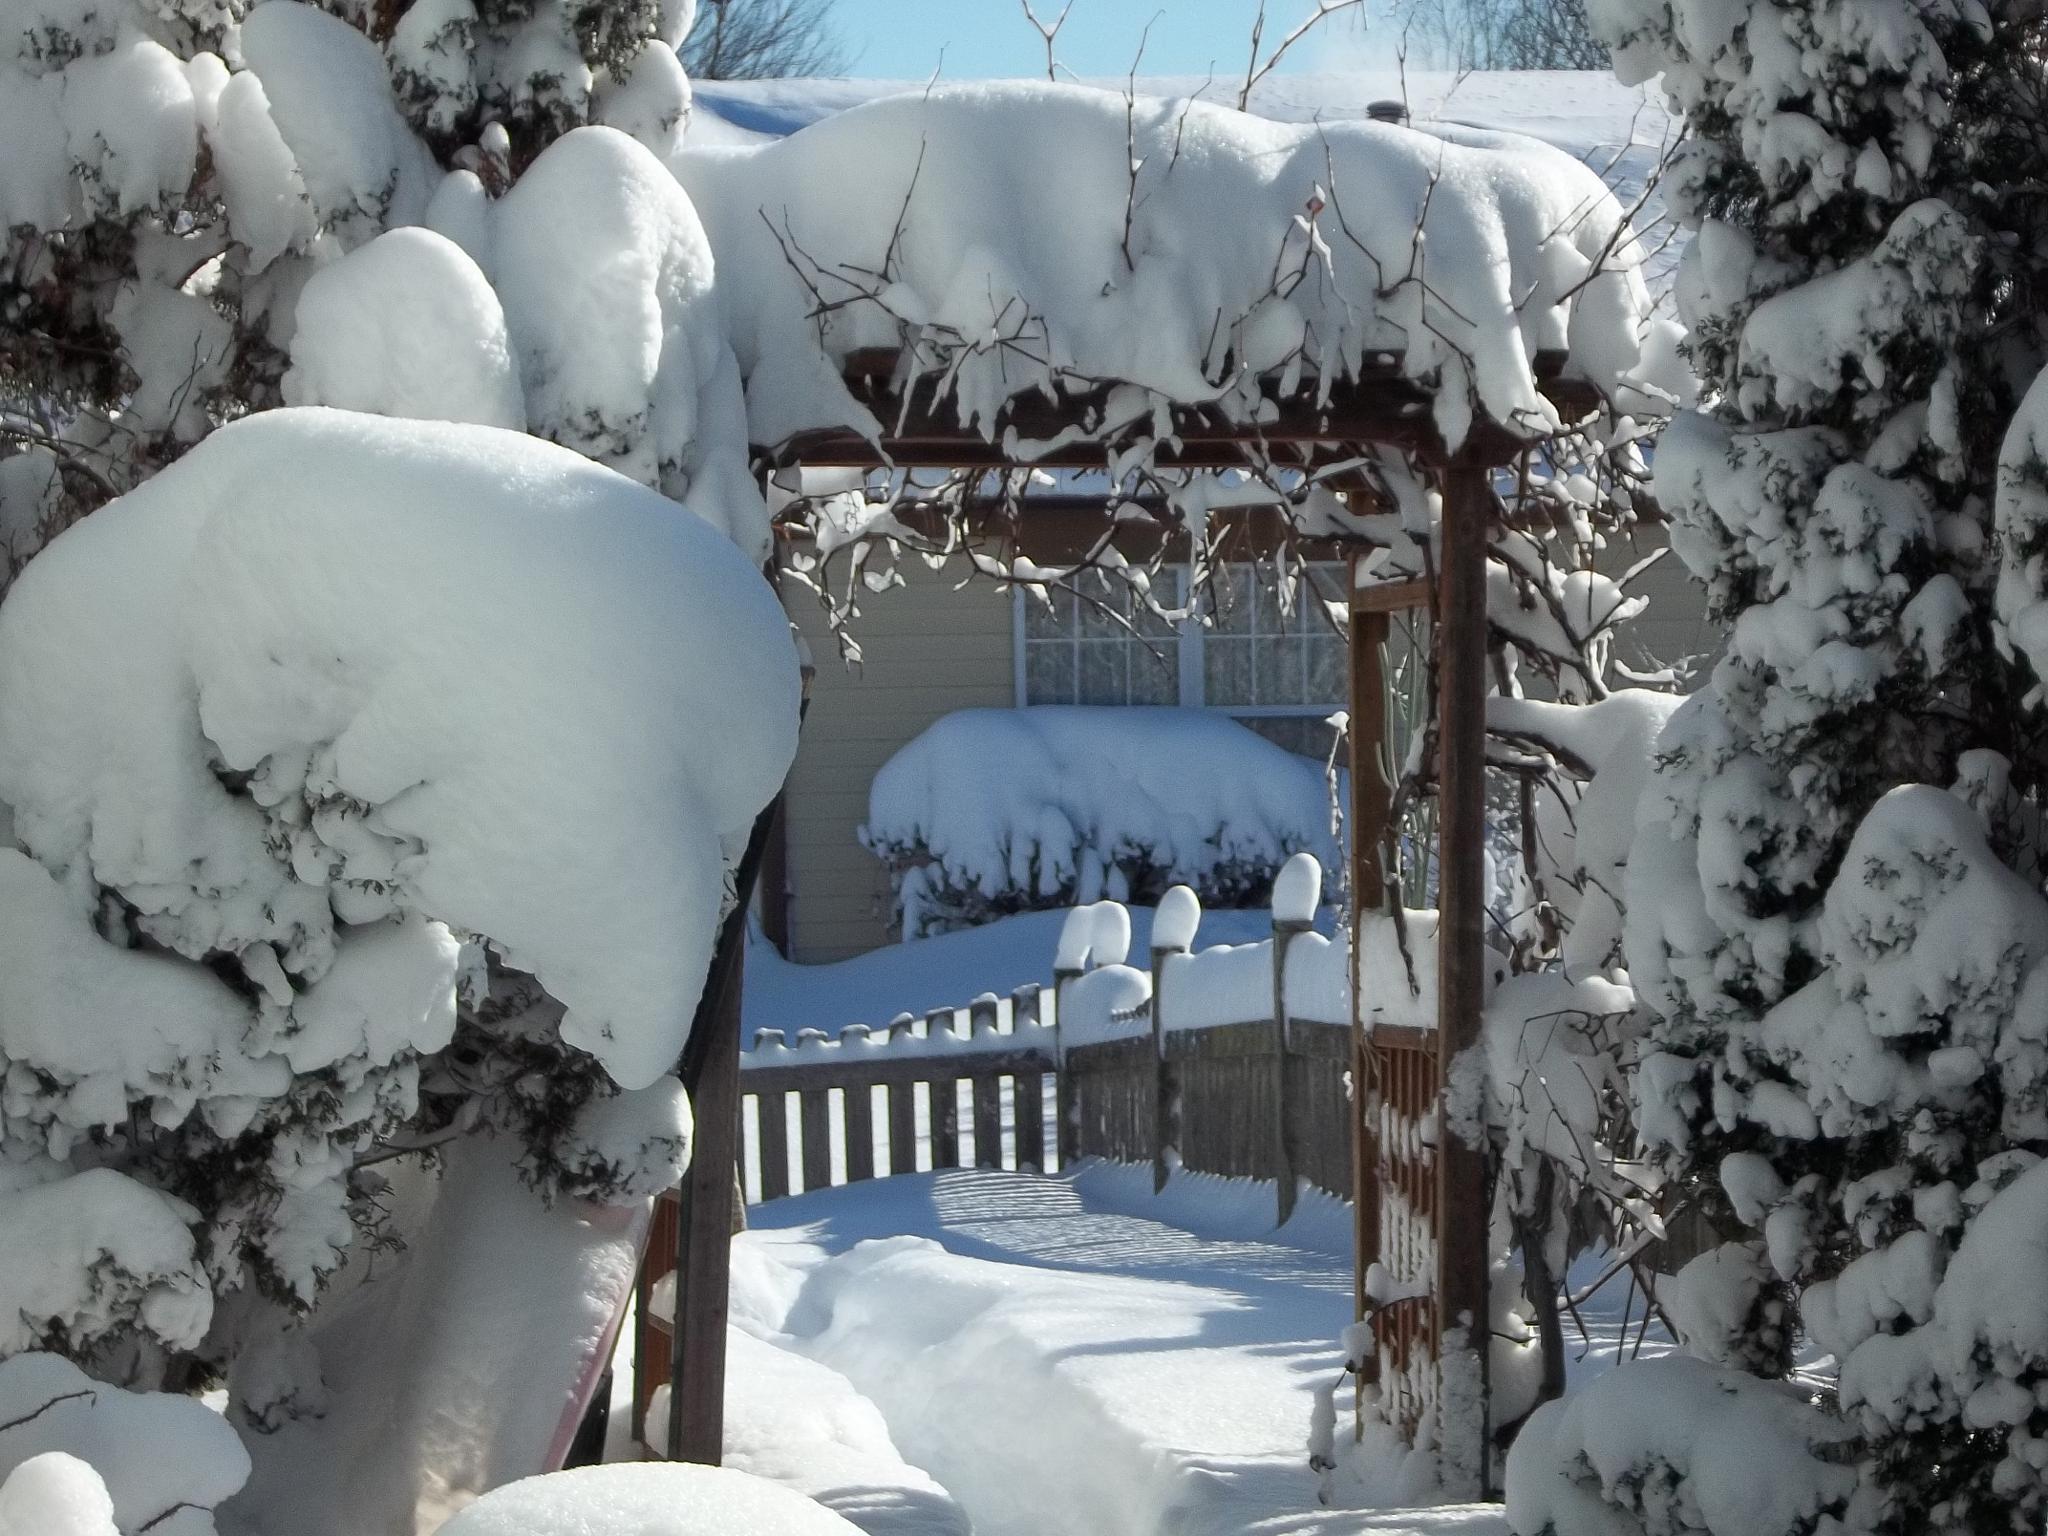 Doorway to Winter Wonderland by lbrescher